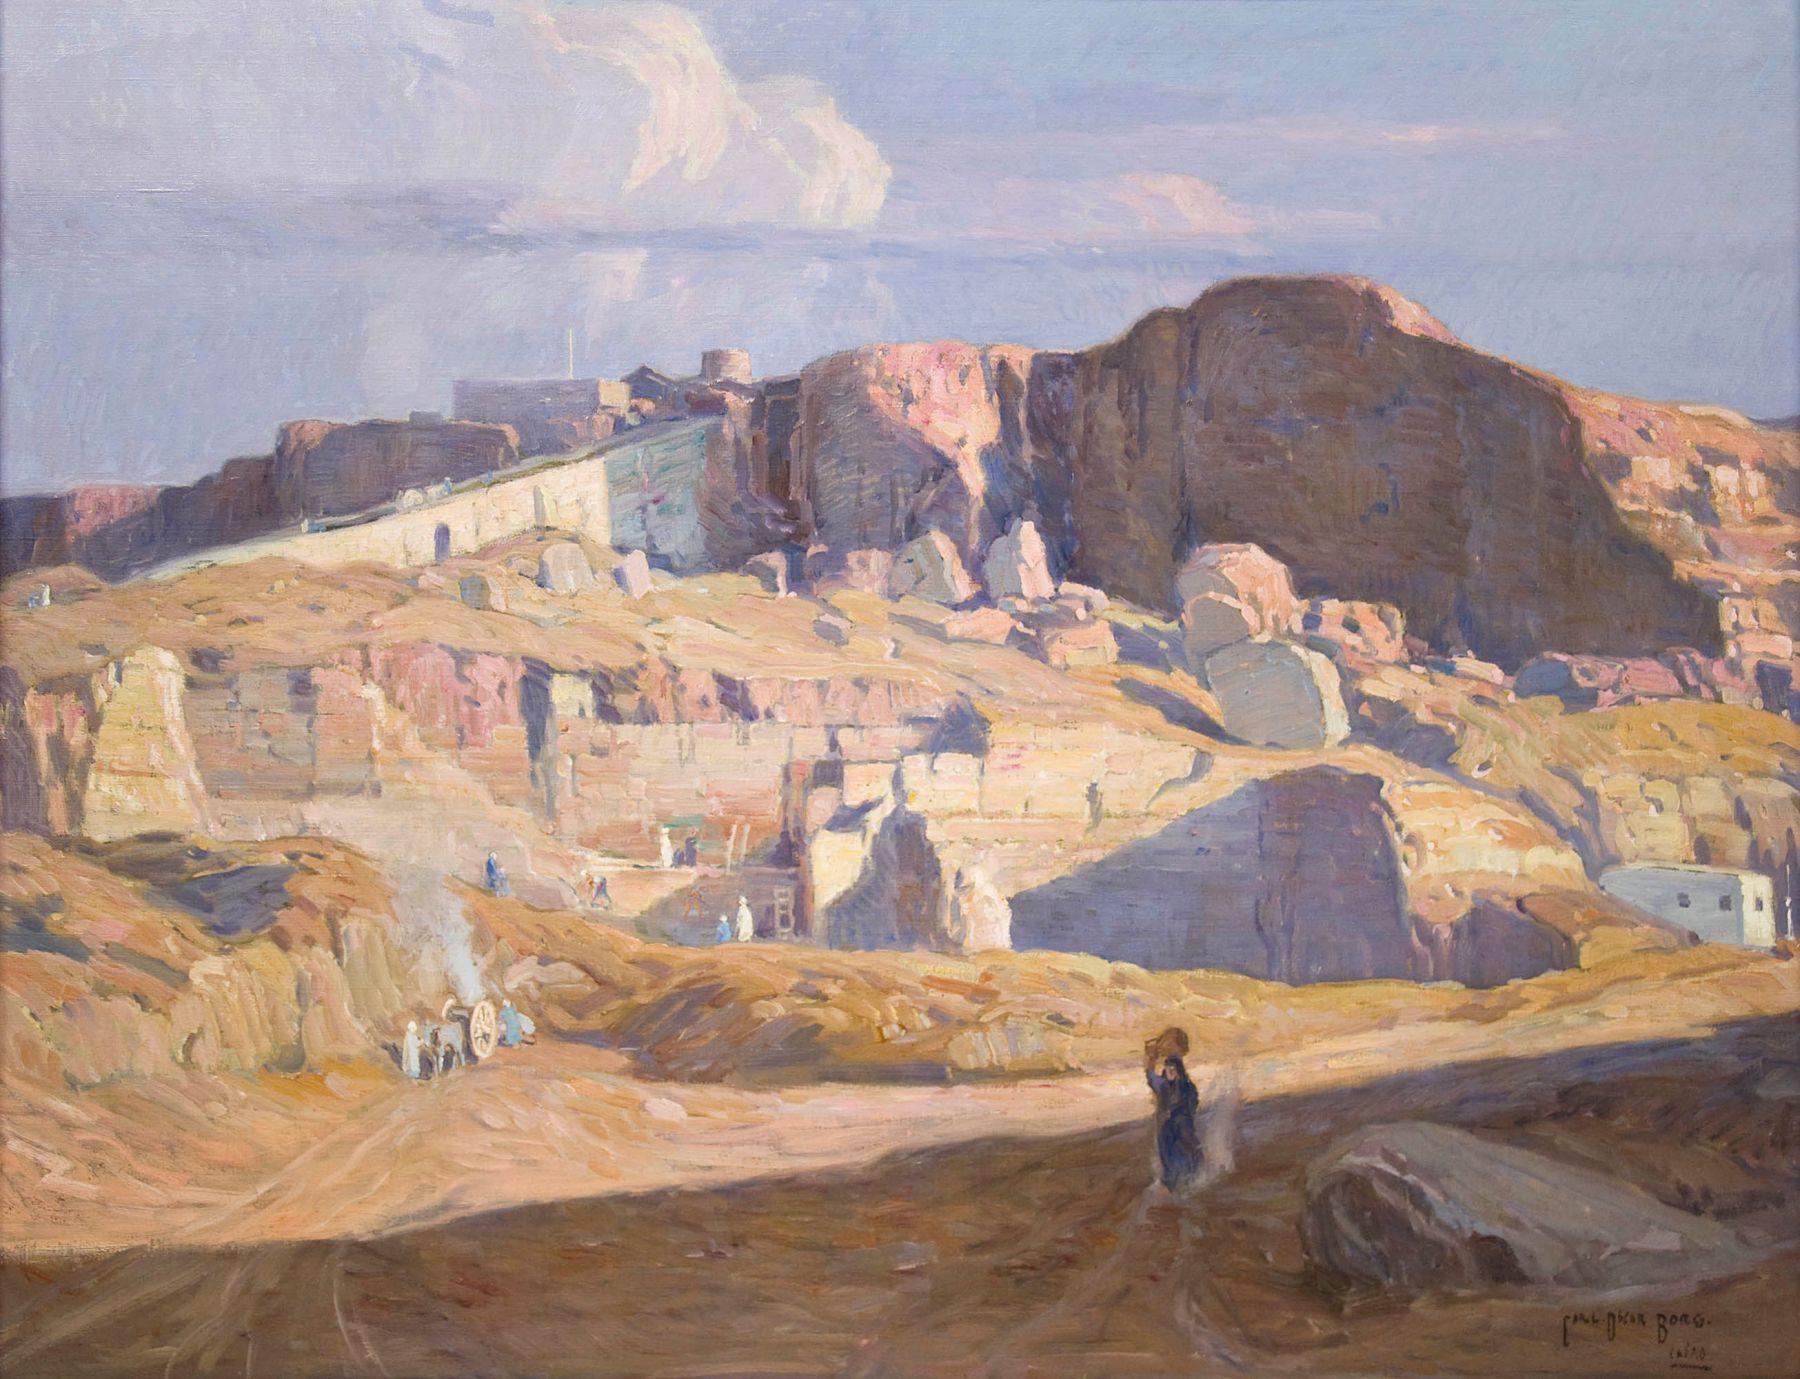 CARL OSCAR BORG (1879-1947), Cairo, c. 1910